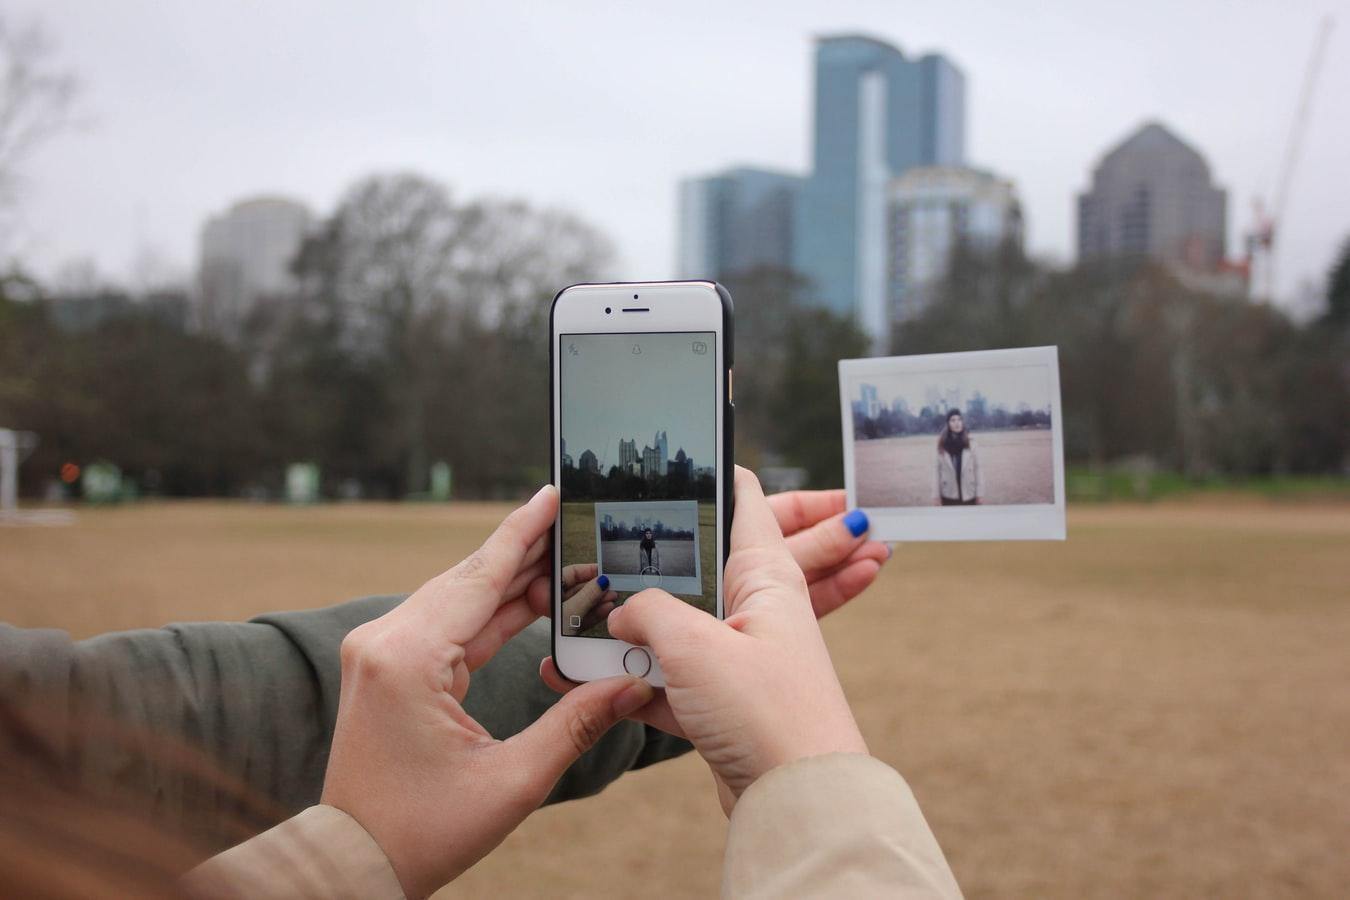 Έρευνα: Η ώρα που περνούν οι νέοι στις ψηφιακές τεχνολογίες δεν ευθύνεται για τα προβλήματα της ψυχικής τους υγείας